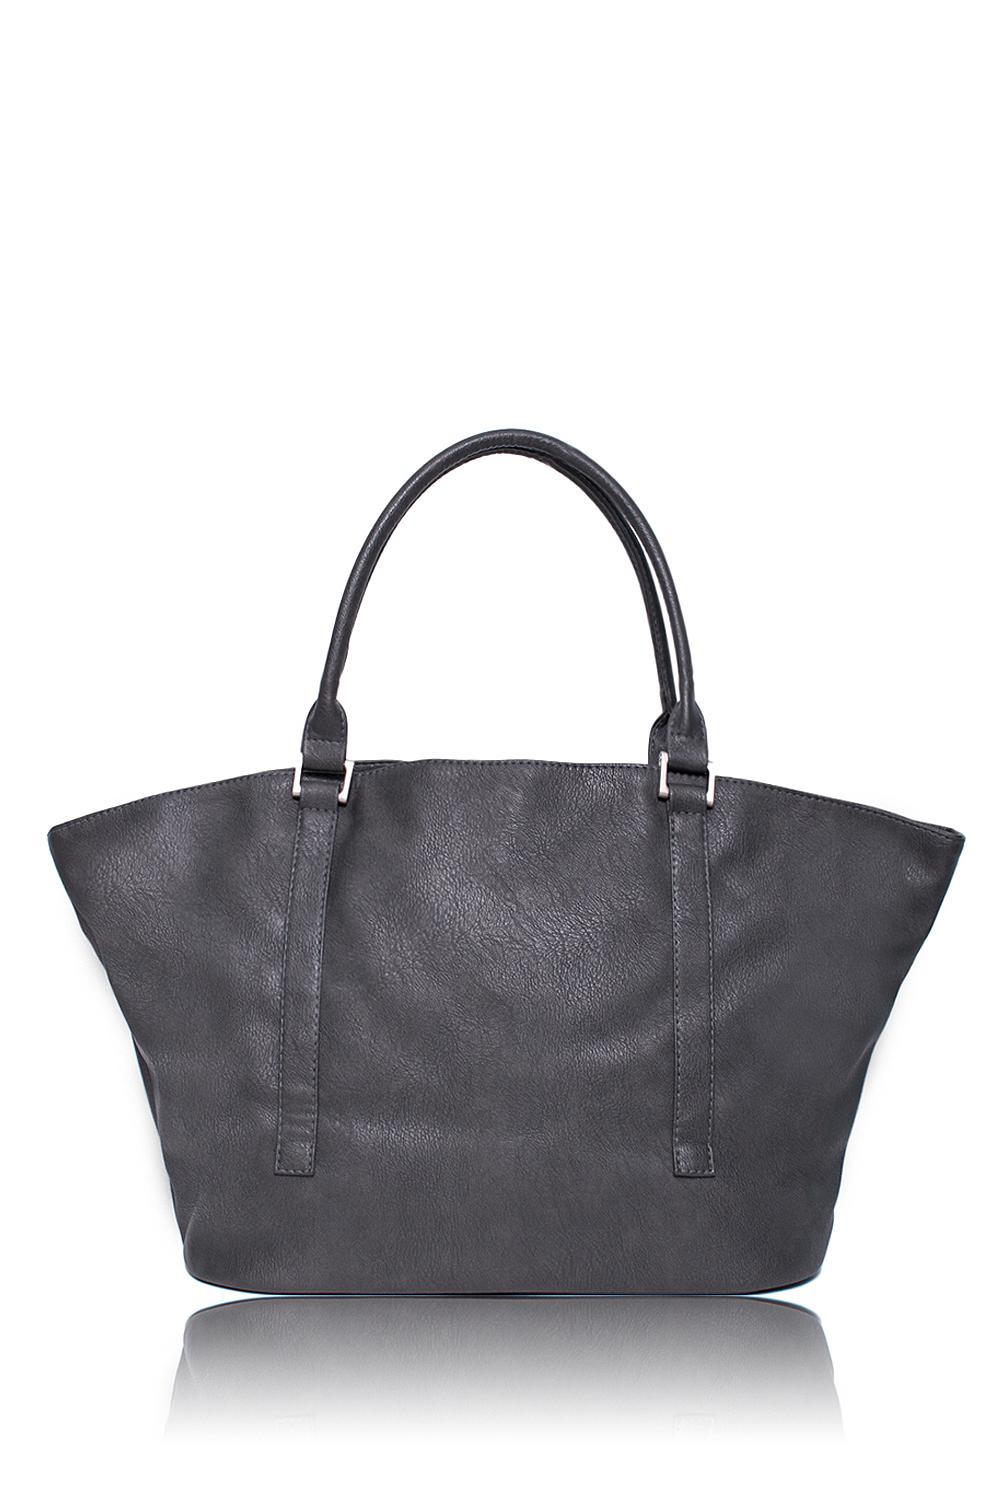 Сумка - шоппингСумки-шоппинг<br>Женские сумки бренда DINESSI - это стильные аксессуары, которые по достоинству оценят представительницы прекрасного пола.  Сумка - шоппинг мягкой формы с застежкой на две короткие молнии и магнит. Две лямки + длинная съемная лямка. Внутри два накладных кармана и карман на молнии.  Цвет: серый.  Размеры: Высота - 30 ± 1 см Длина по дну - 37 ± 1 см Длина по верху - 55 ± 1 см Глубина - 15,5 ± 1 см<br><br>По материалу: Искусственная кожа<br>По размеру: Крупные<br>По рисунку: Однотонные<br>По силуэту стенок: Трапециевидные<br>По способу ношения: В руках,На плечо<br>По степени жесткости: Мягкие<br>По типу застежки: На магните,С застежкой молнией<br>По элементам: Карман на молнии,Карман под телефон,С карабином,С ремнями<br>Ручки: Длинные,Короткие<br>Размер : UNI<br>Материал: Искусственная кожа<br>Количество в наличии: 1